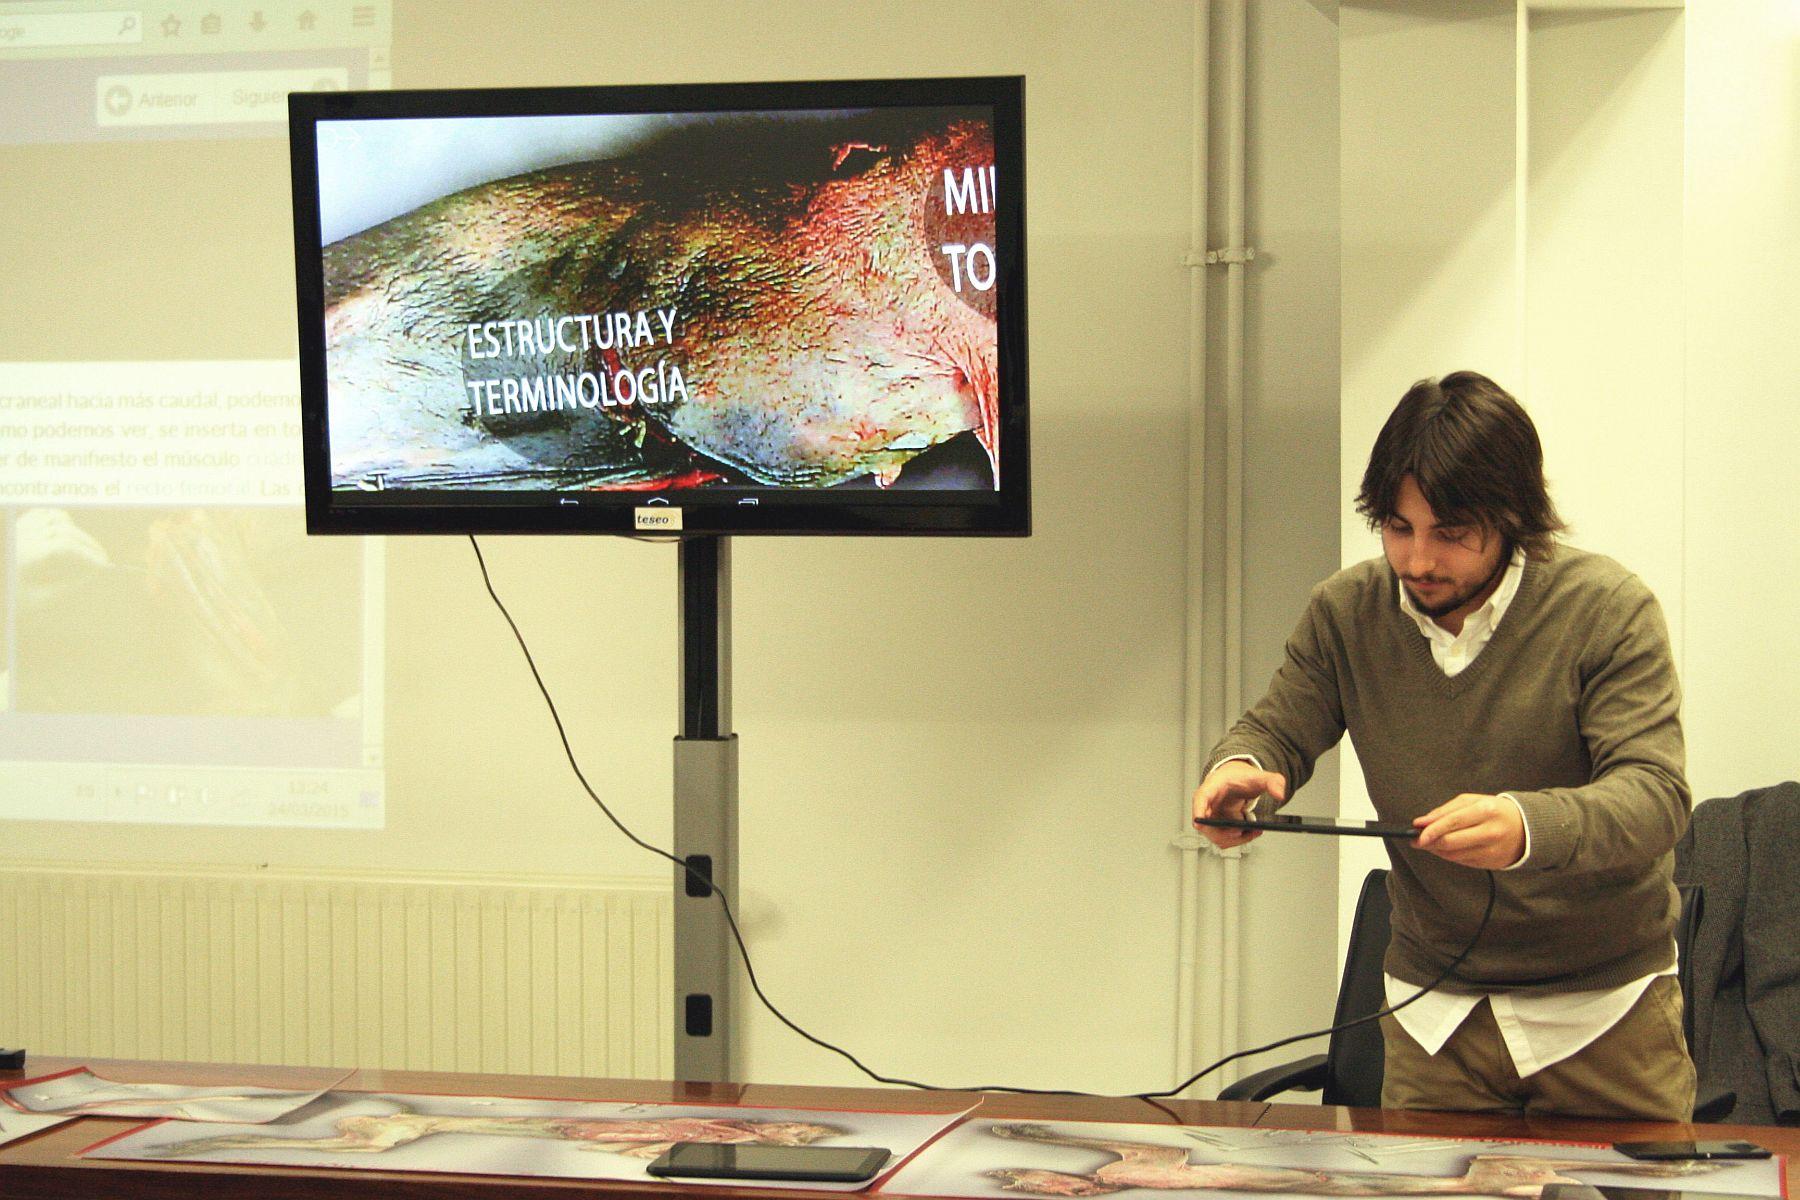 Presentada el Aula Virtual de Disección de Primates | Universidad de ...